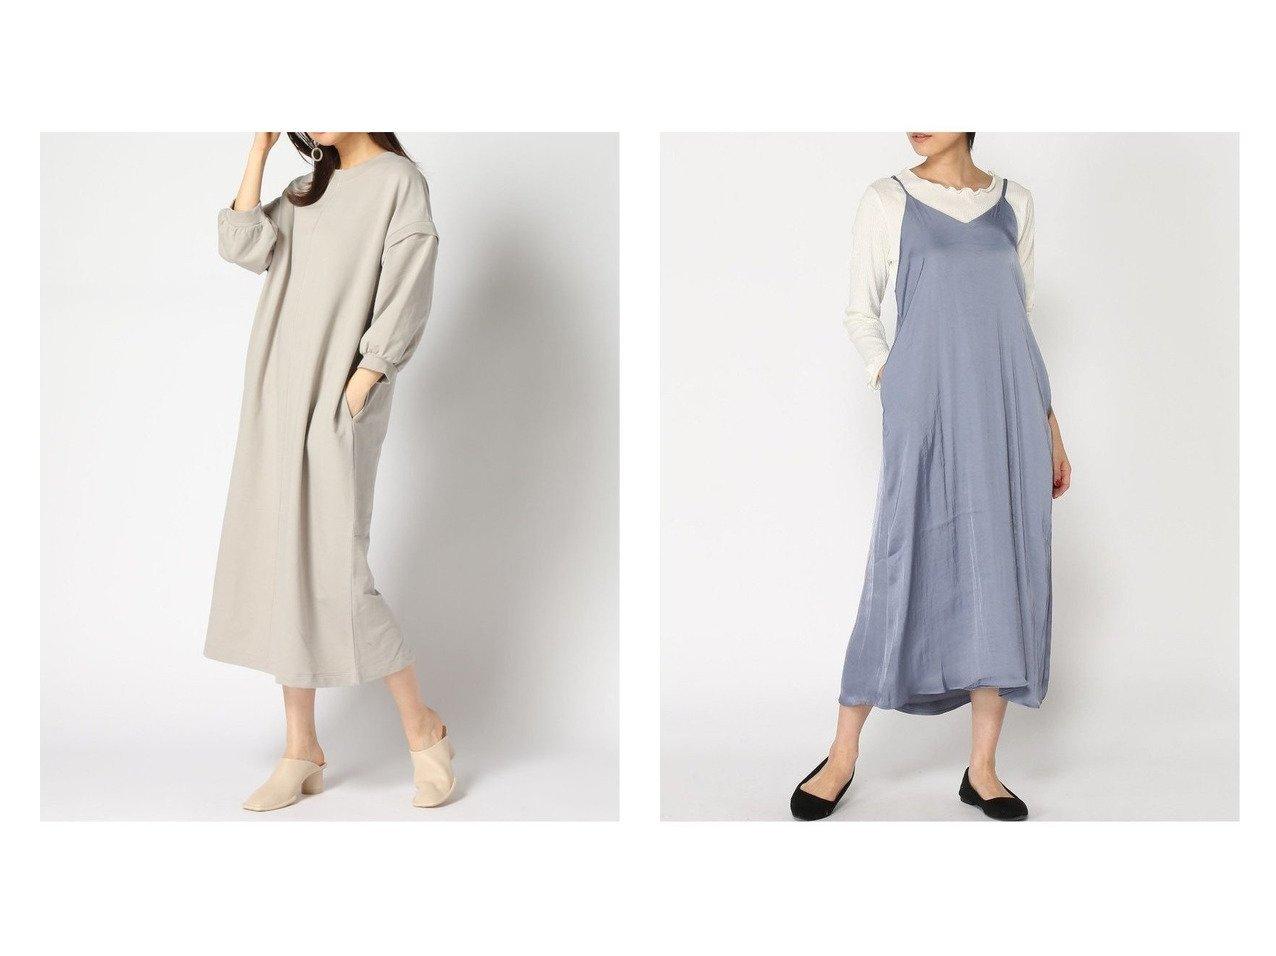 【GLOBAL WORK/グローバルワーク】のギャザーサテンキャミOP&マルチWAYカットワンピ 【プチプライス】おすすめ!人気トレンド・ファッション通販 おすすめで人気の流行・トレンド、ファッションの通販商品 インテリア・家具・メンズファッション・キッズファッション・レディースファッション・服の通販 founy(ファニー) https://founy.com/ ファッション Fashion レディースファッション WOMEN ワンピース Dress マキシワンピース Maxi Dress キャミワンピース No Sleeve Dresses おすすめ Recommend インナー タンク ベーシック ボトム マキシ ロング ワイド 半袖 キャミワンピース サテン |ID:crp329100000040140